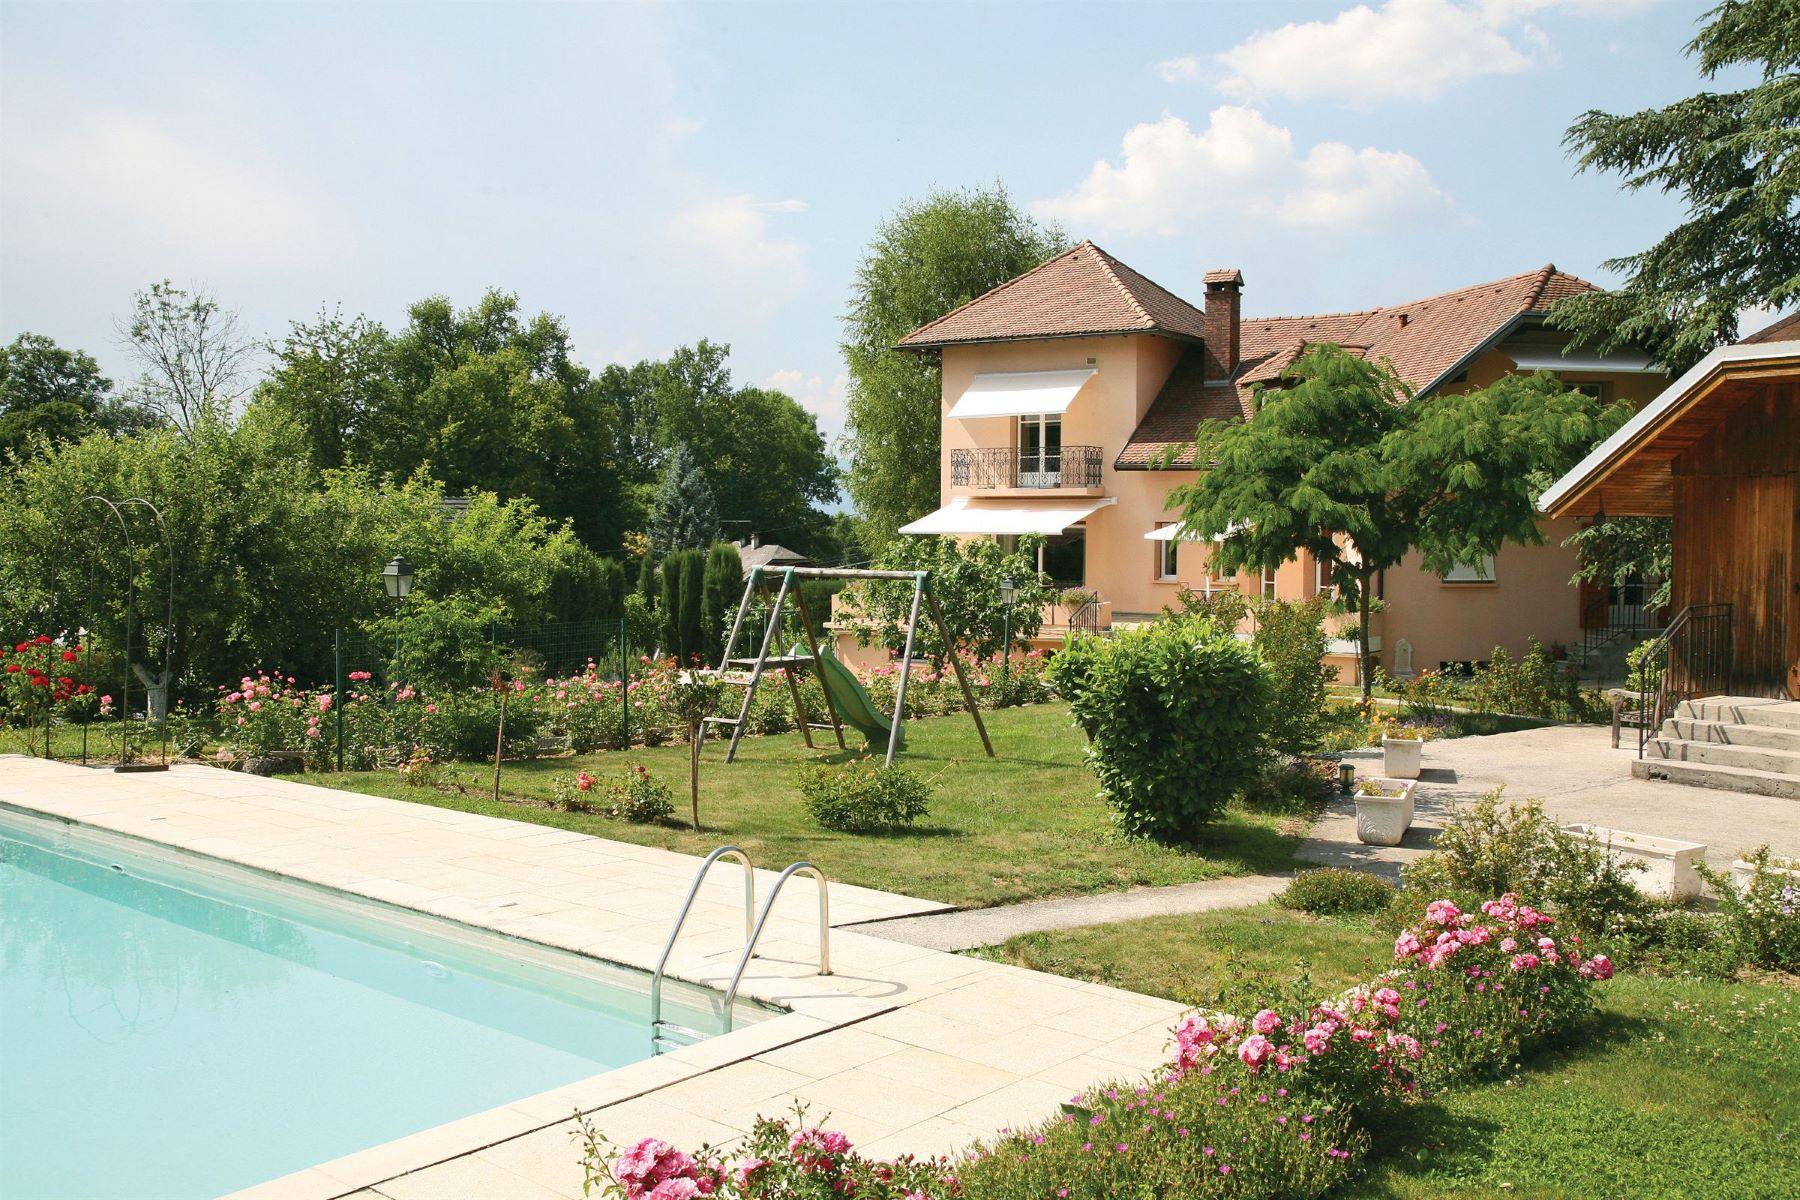 واحد منزل الأسرة للـ Sale في Propriété campagnarde bourgeoise – Proche Aix les bains Gresy Sur Aix, Rhone-Alpes, 73100 France